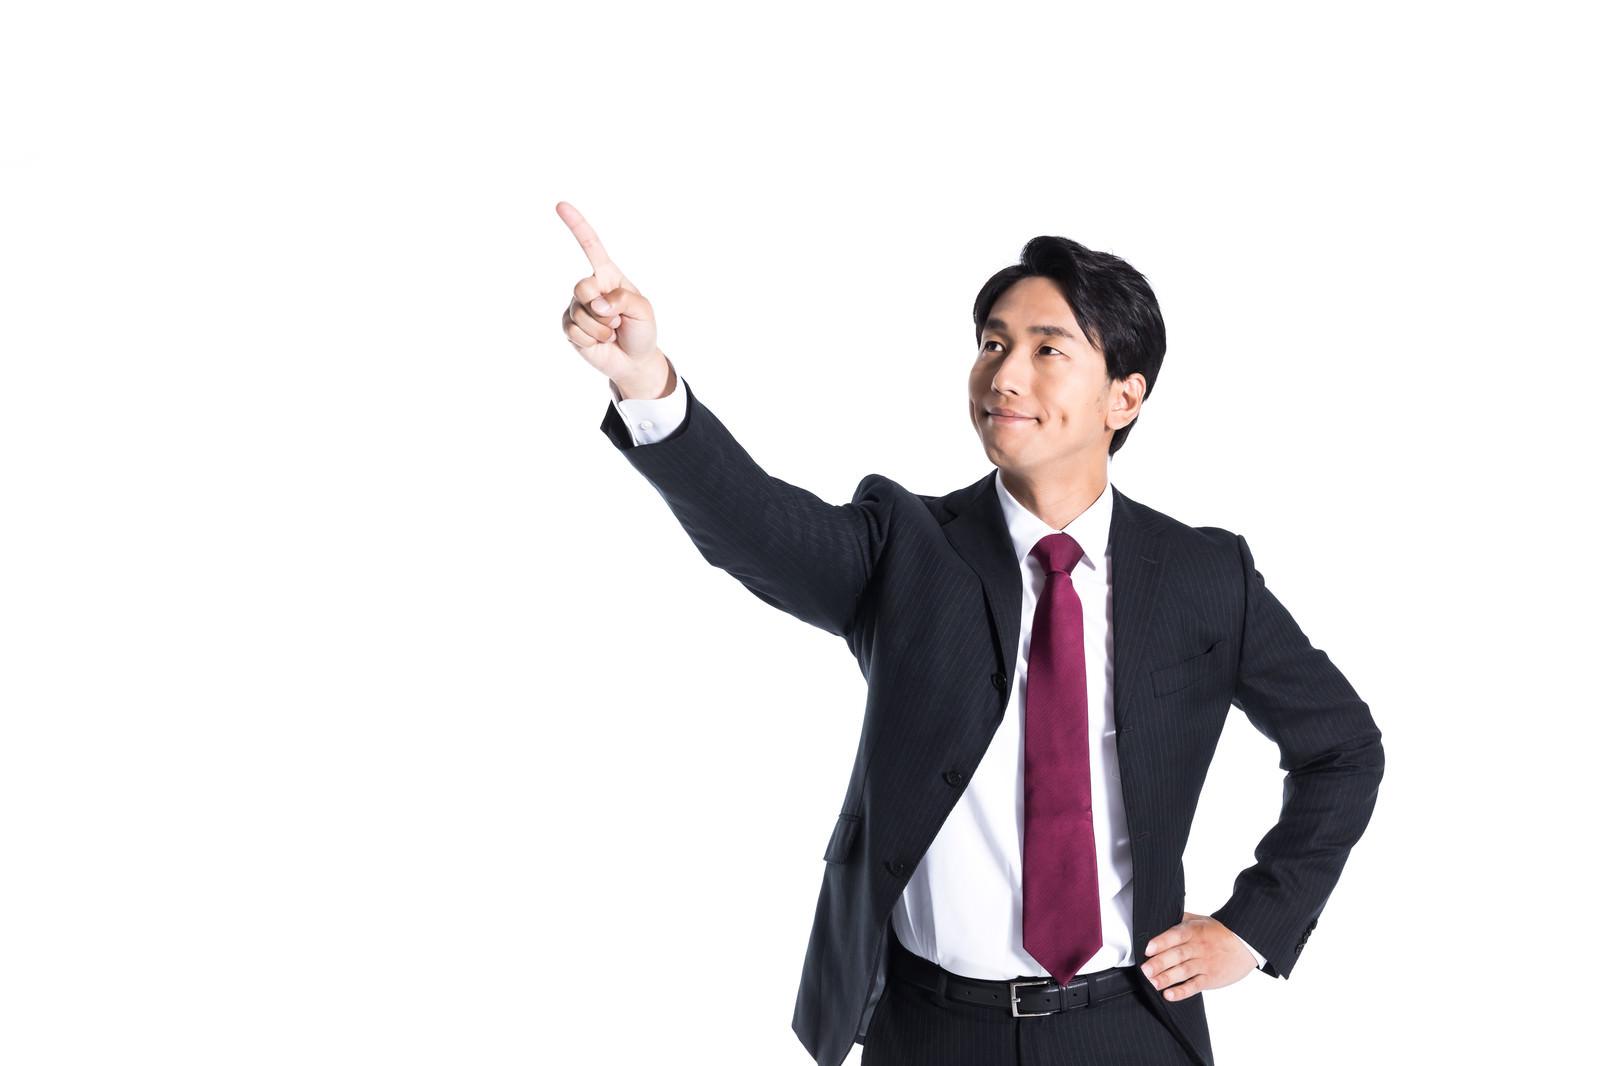 「目標数値を指さす会社員」の写真[モデル:大川竜弥]